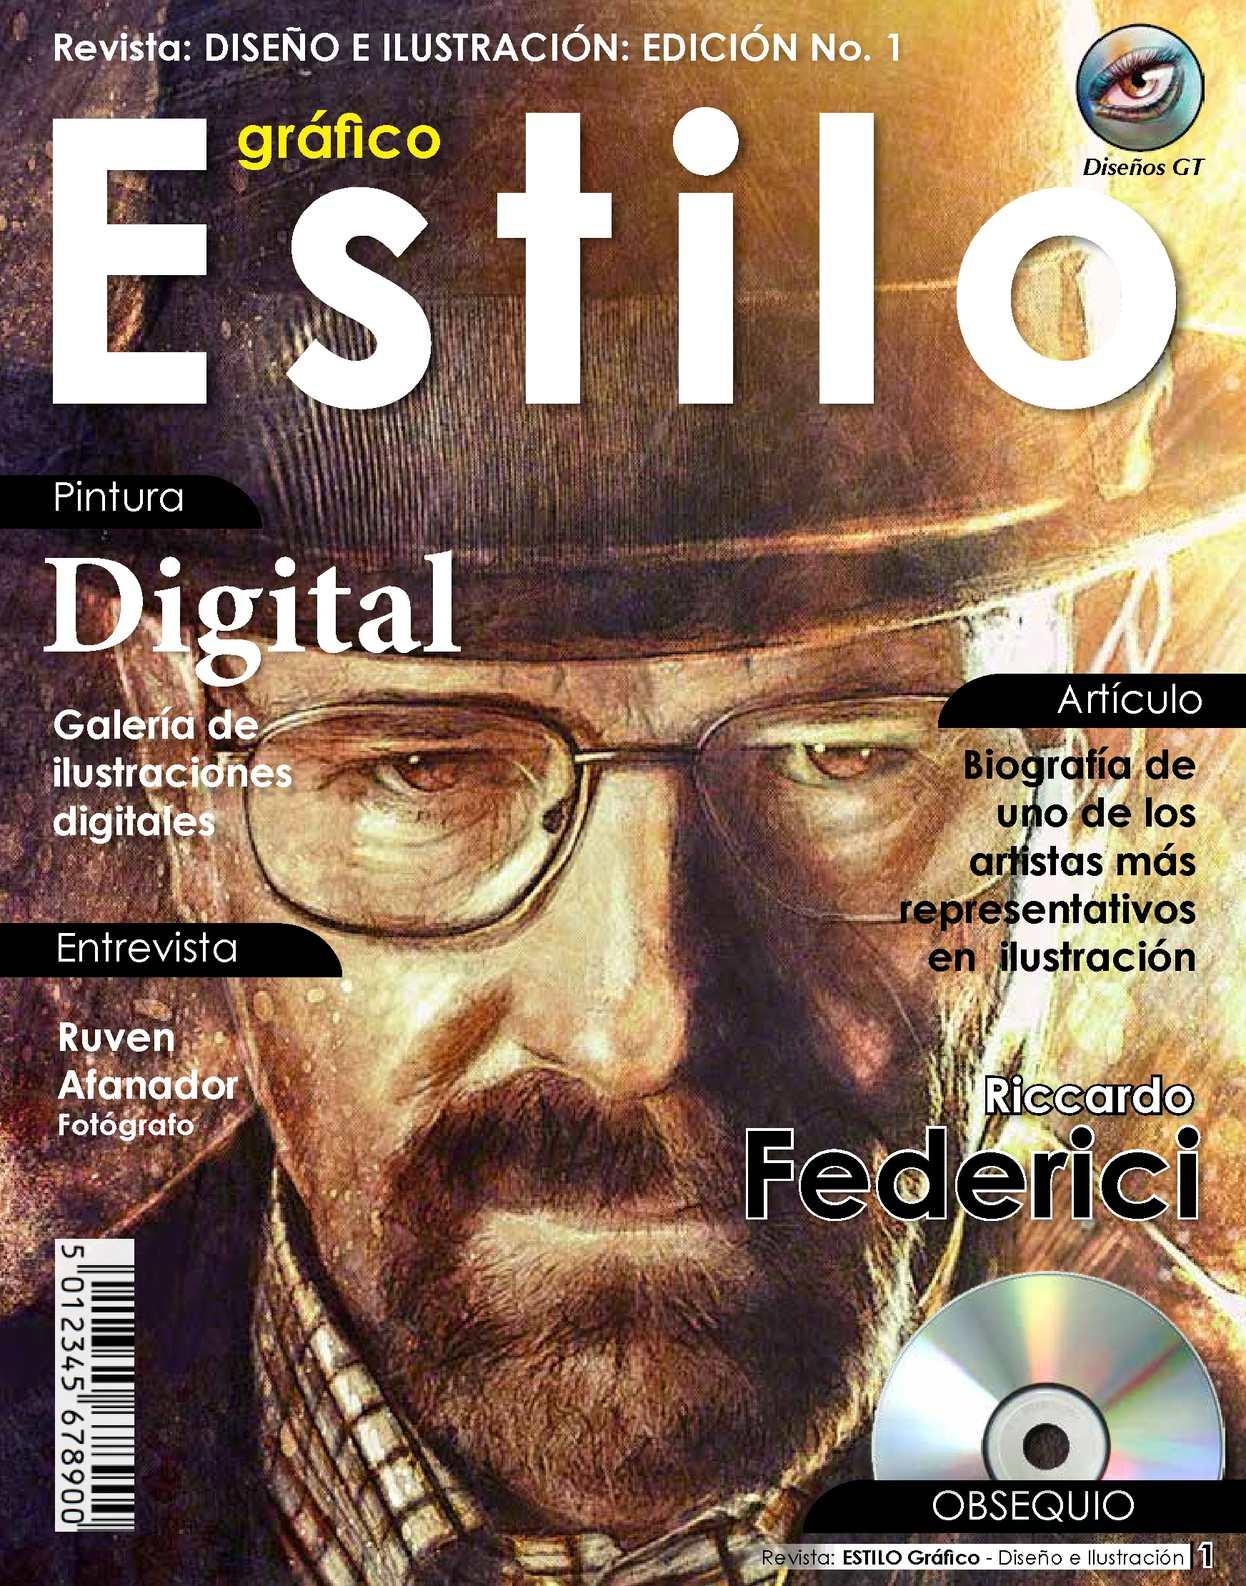 Revista Diseño - Ilustración